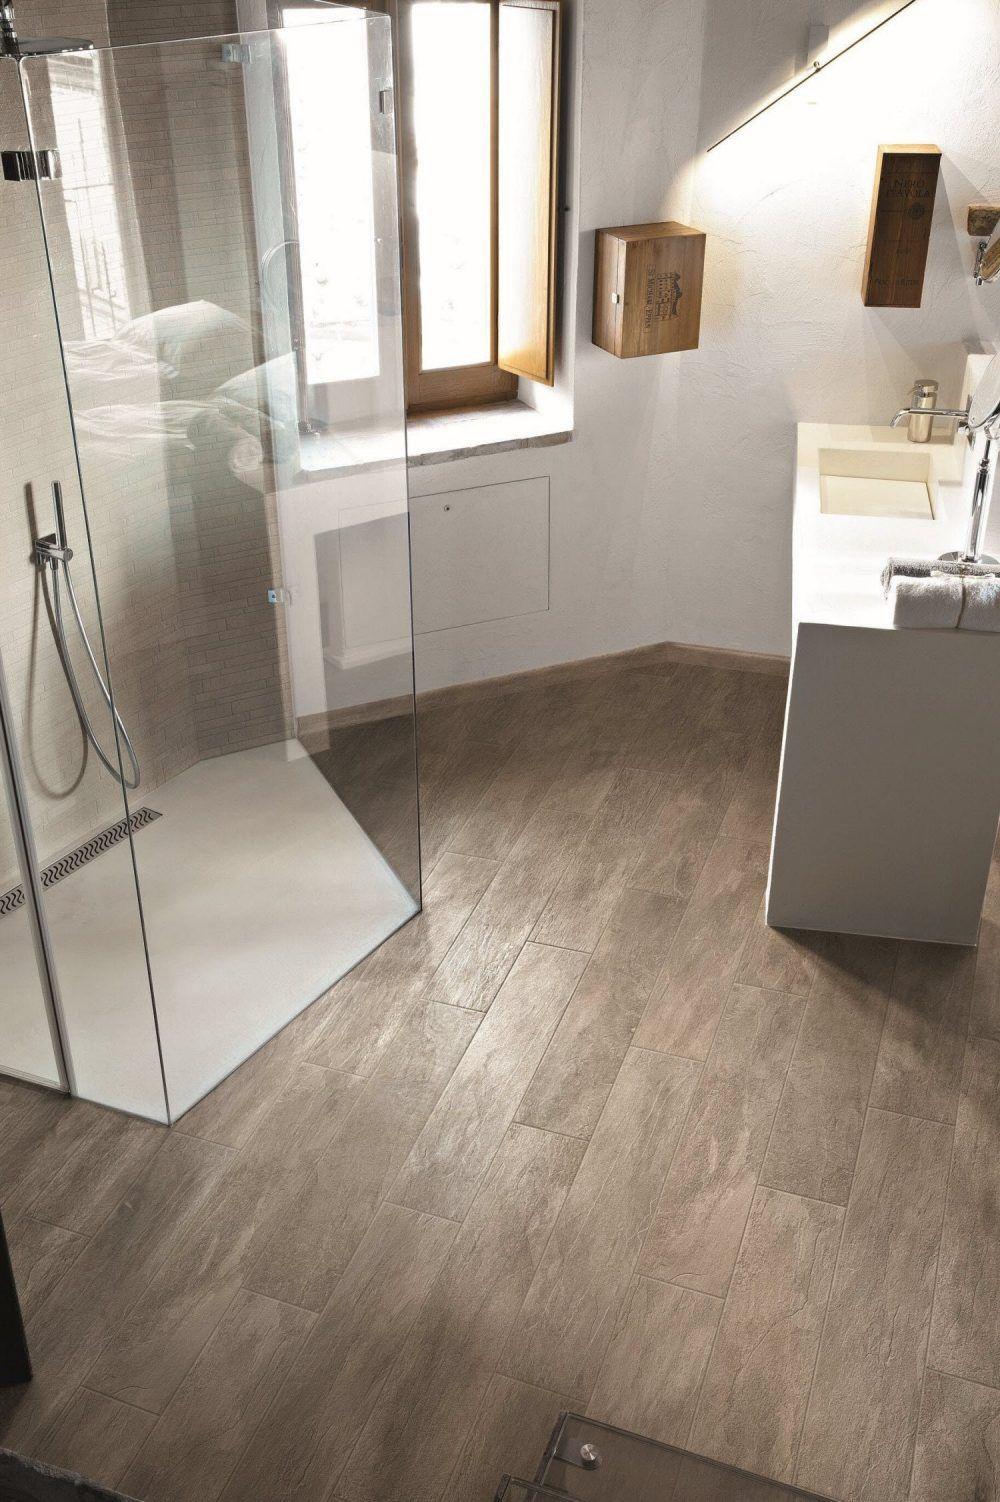 Houtlook in de badkamer met keramische vloertegels met houtlook van ...